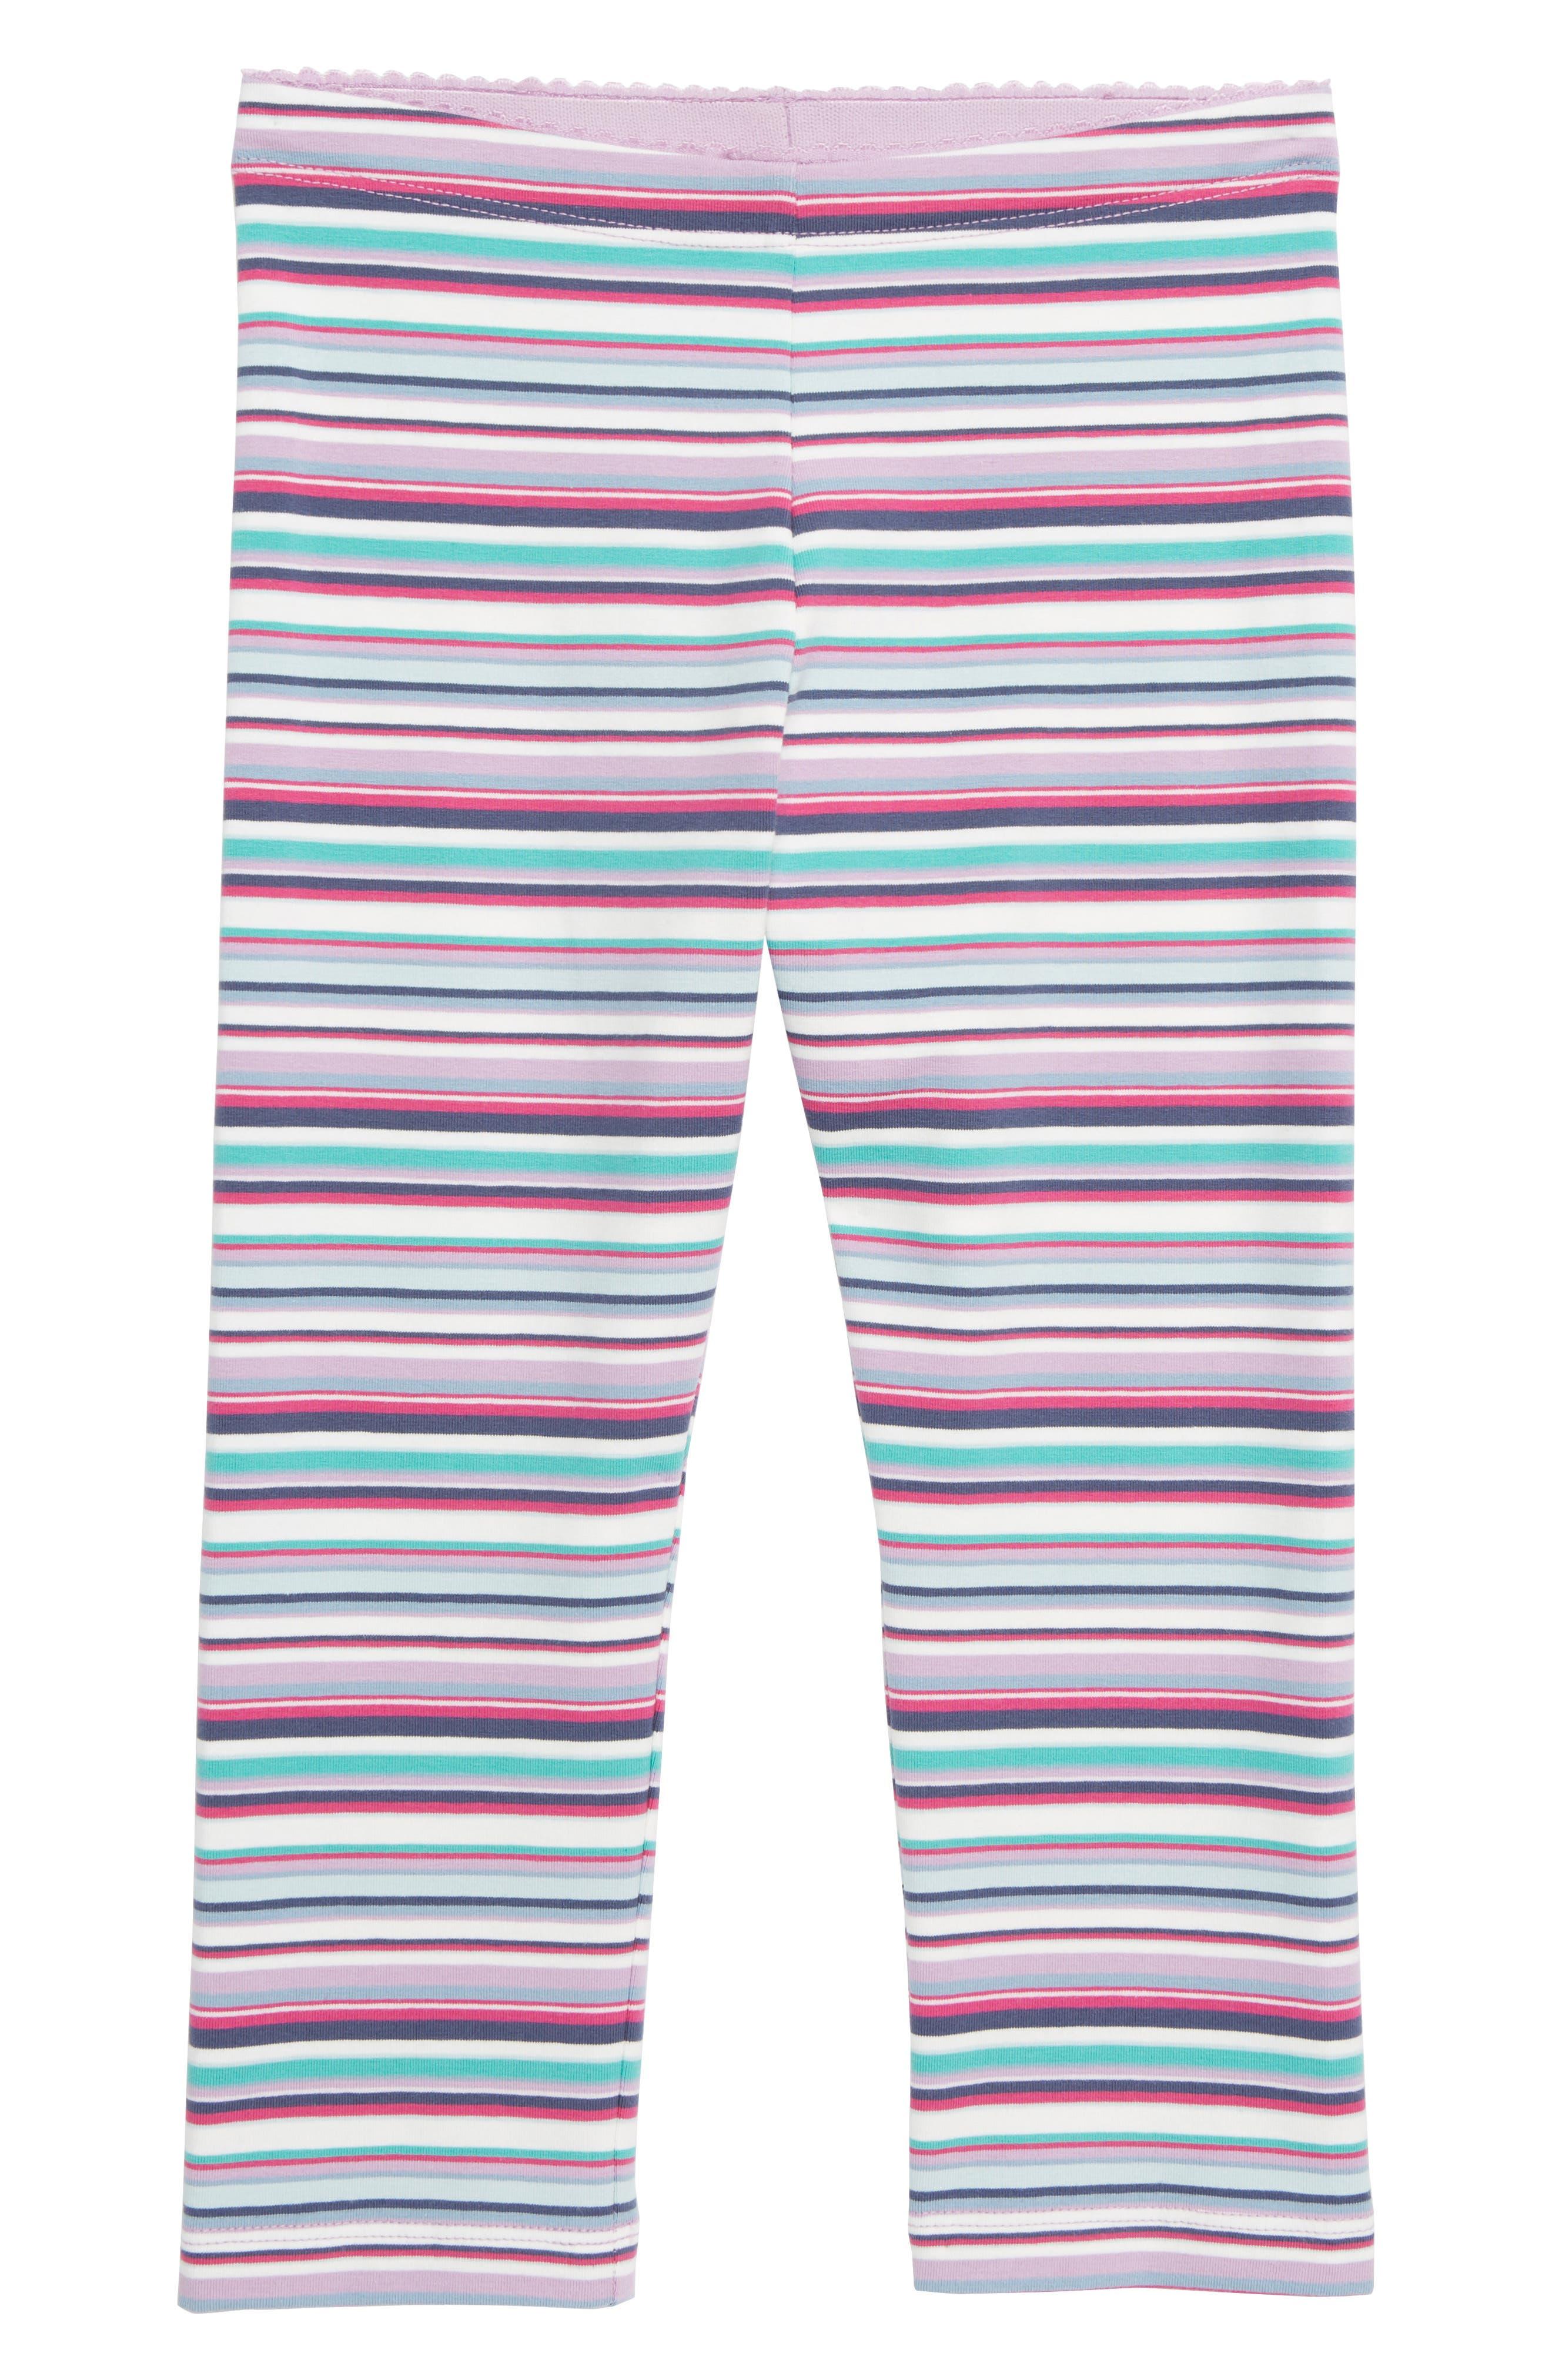 Stripe Caprili Leggings,                             Main thumbnail 1, color,                             ASTER